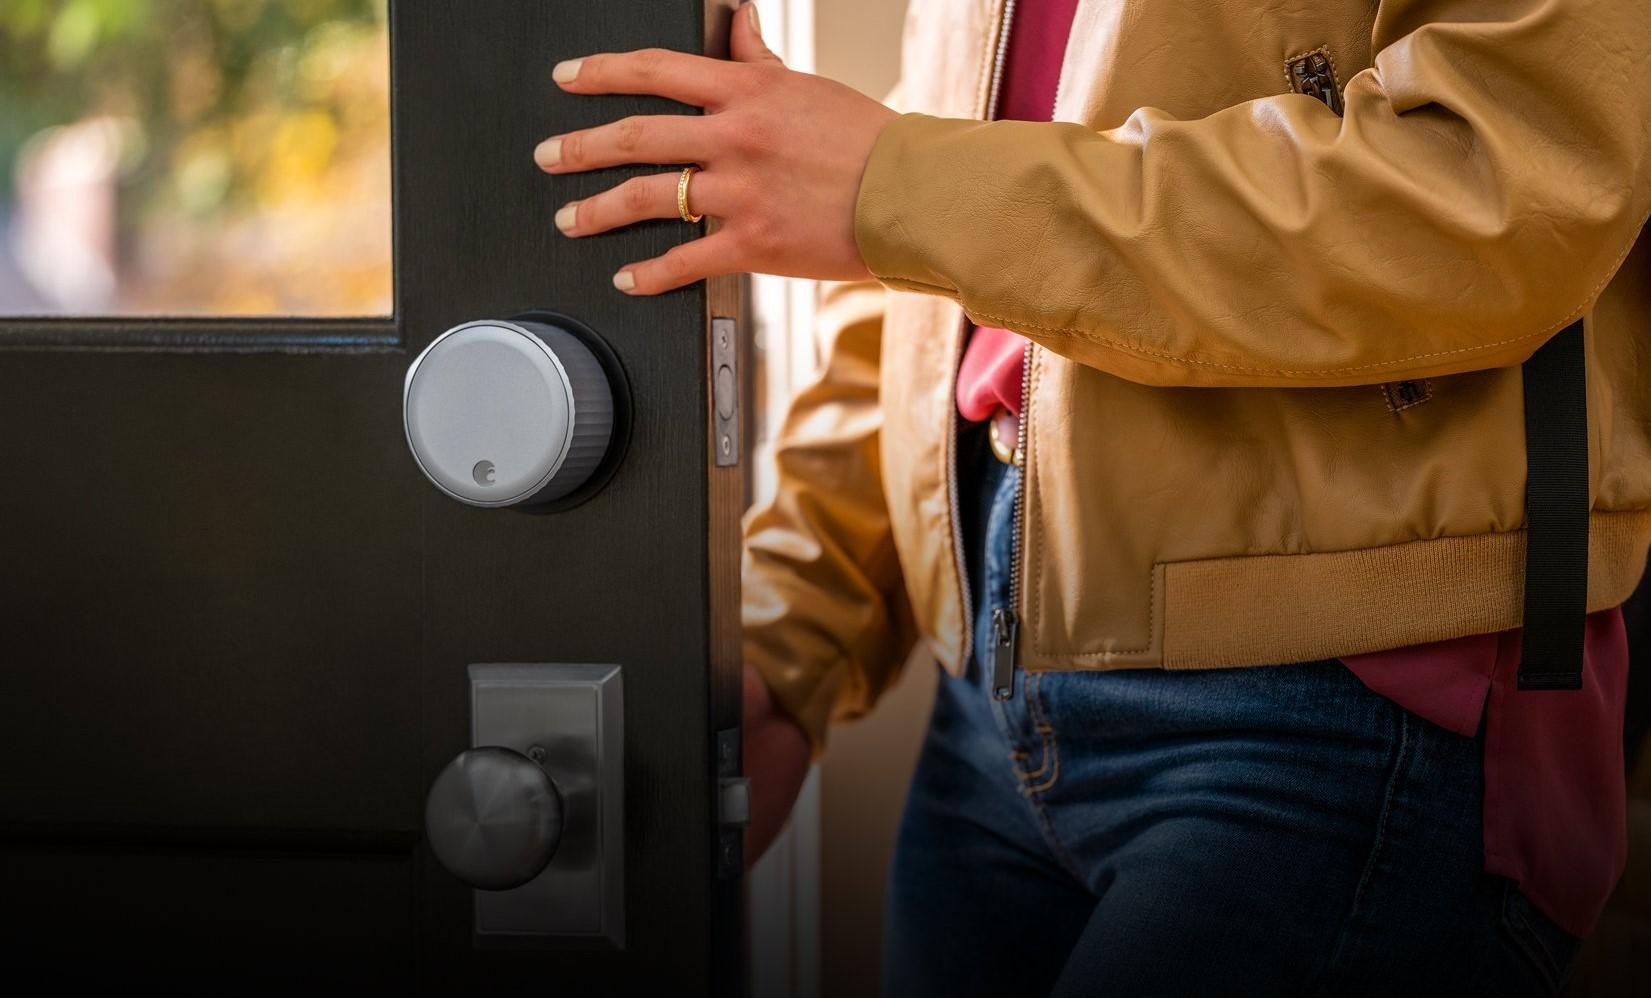 En rund, sølvfarget Wi-Fi Smart Lock er festet over håndtaket på en åpen dør. En kvinne er på vei ut døra.